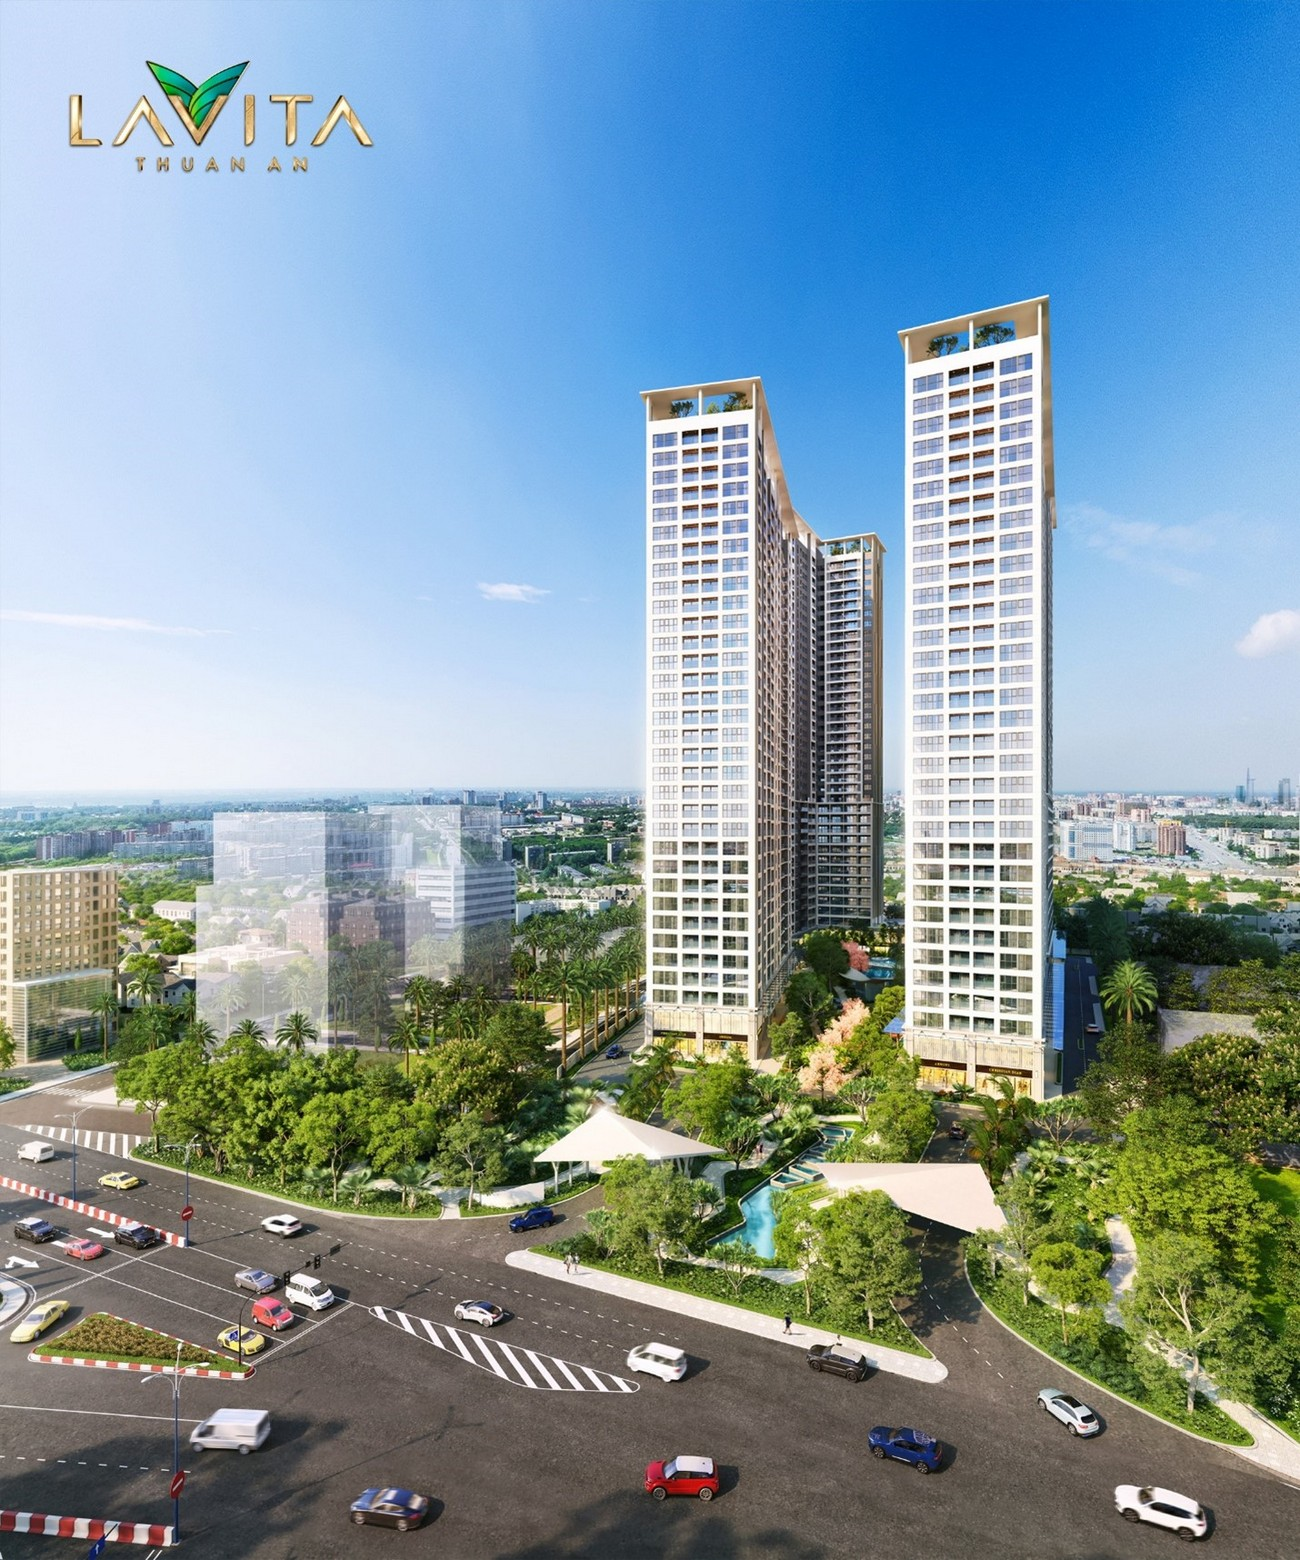 Phối cảnh tổng thể dự án căn hộ Lavita Hưng Thịnh Thuận An Bình Dương